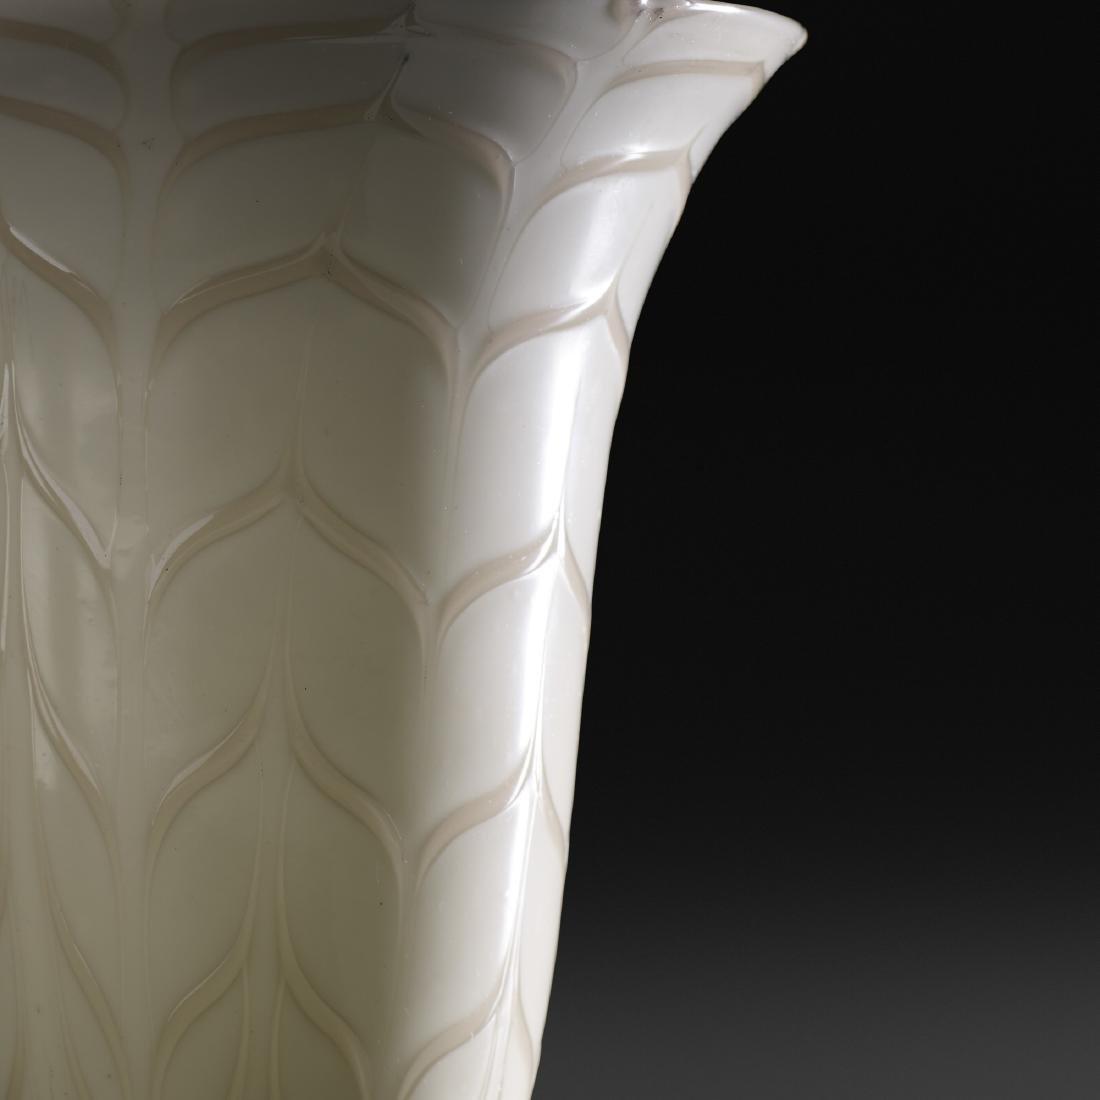 Carlo Scarpa, Fenicio vase, model 5924 - 3